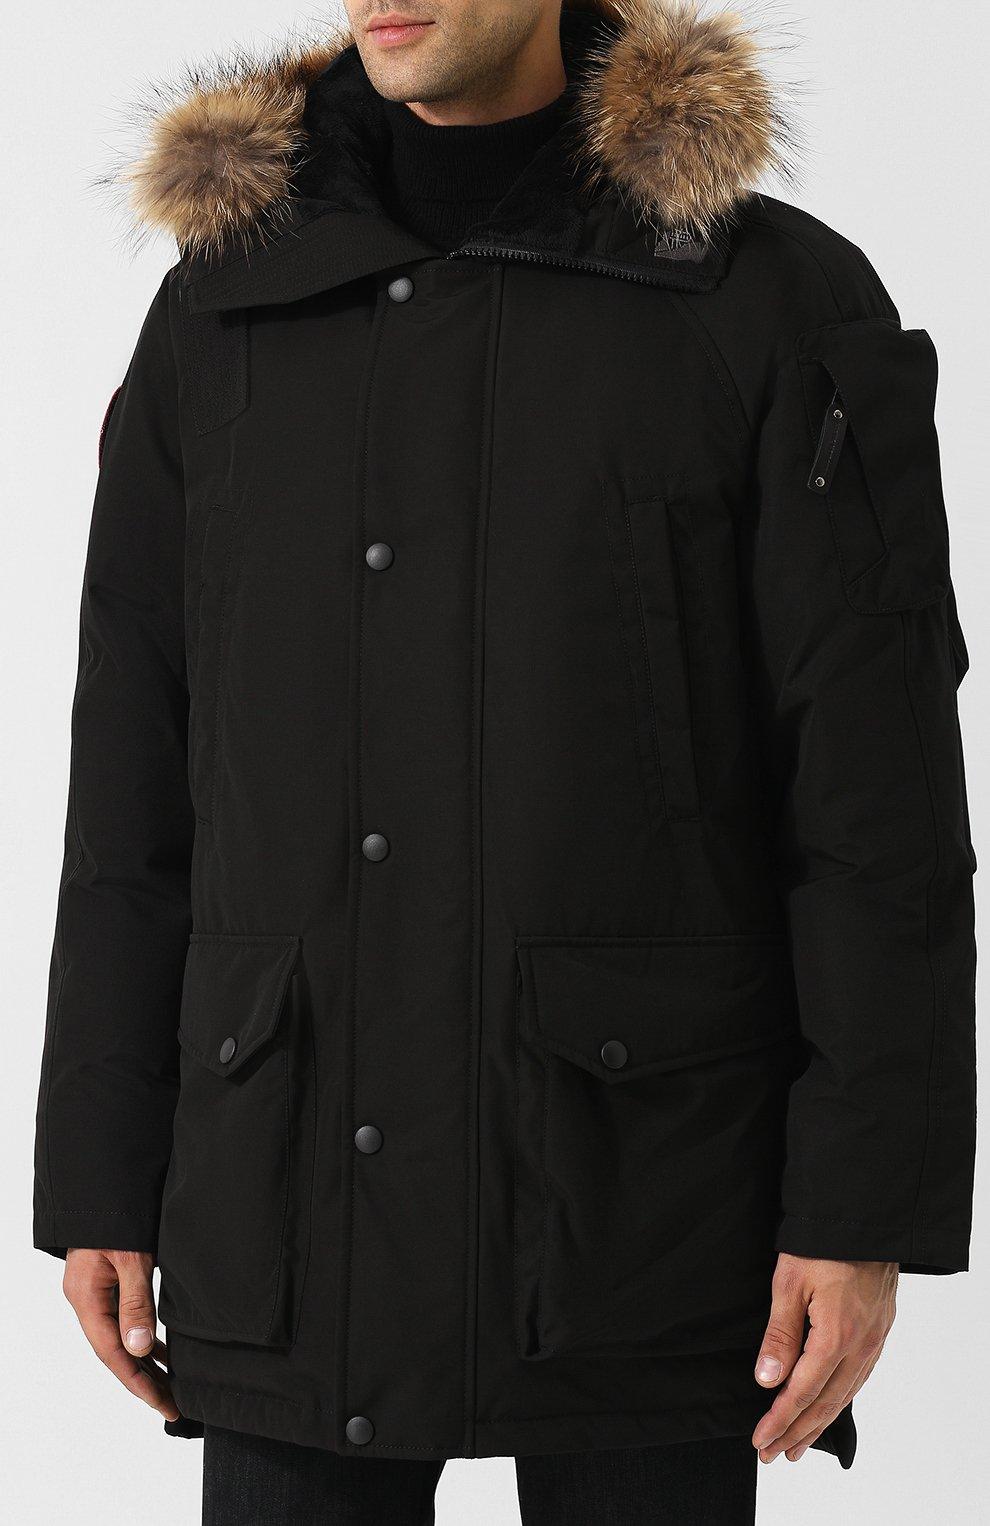 Мужская пуховая парка mir-1 с меховой отделкой капюшона ARCTIC EXPLORER черного цвета, арт. MIR_BLK   Фото 3